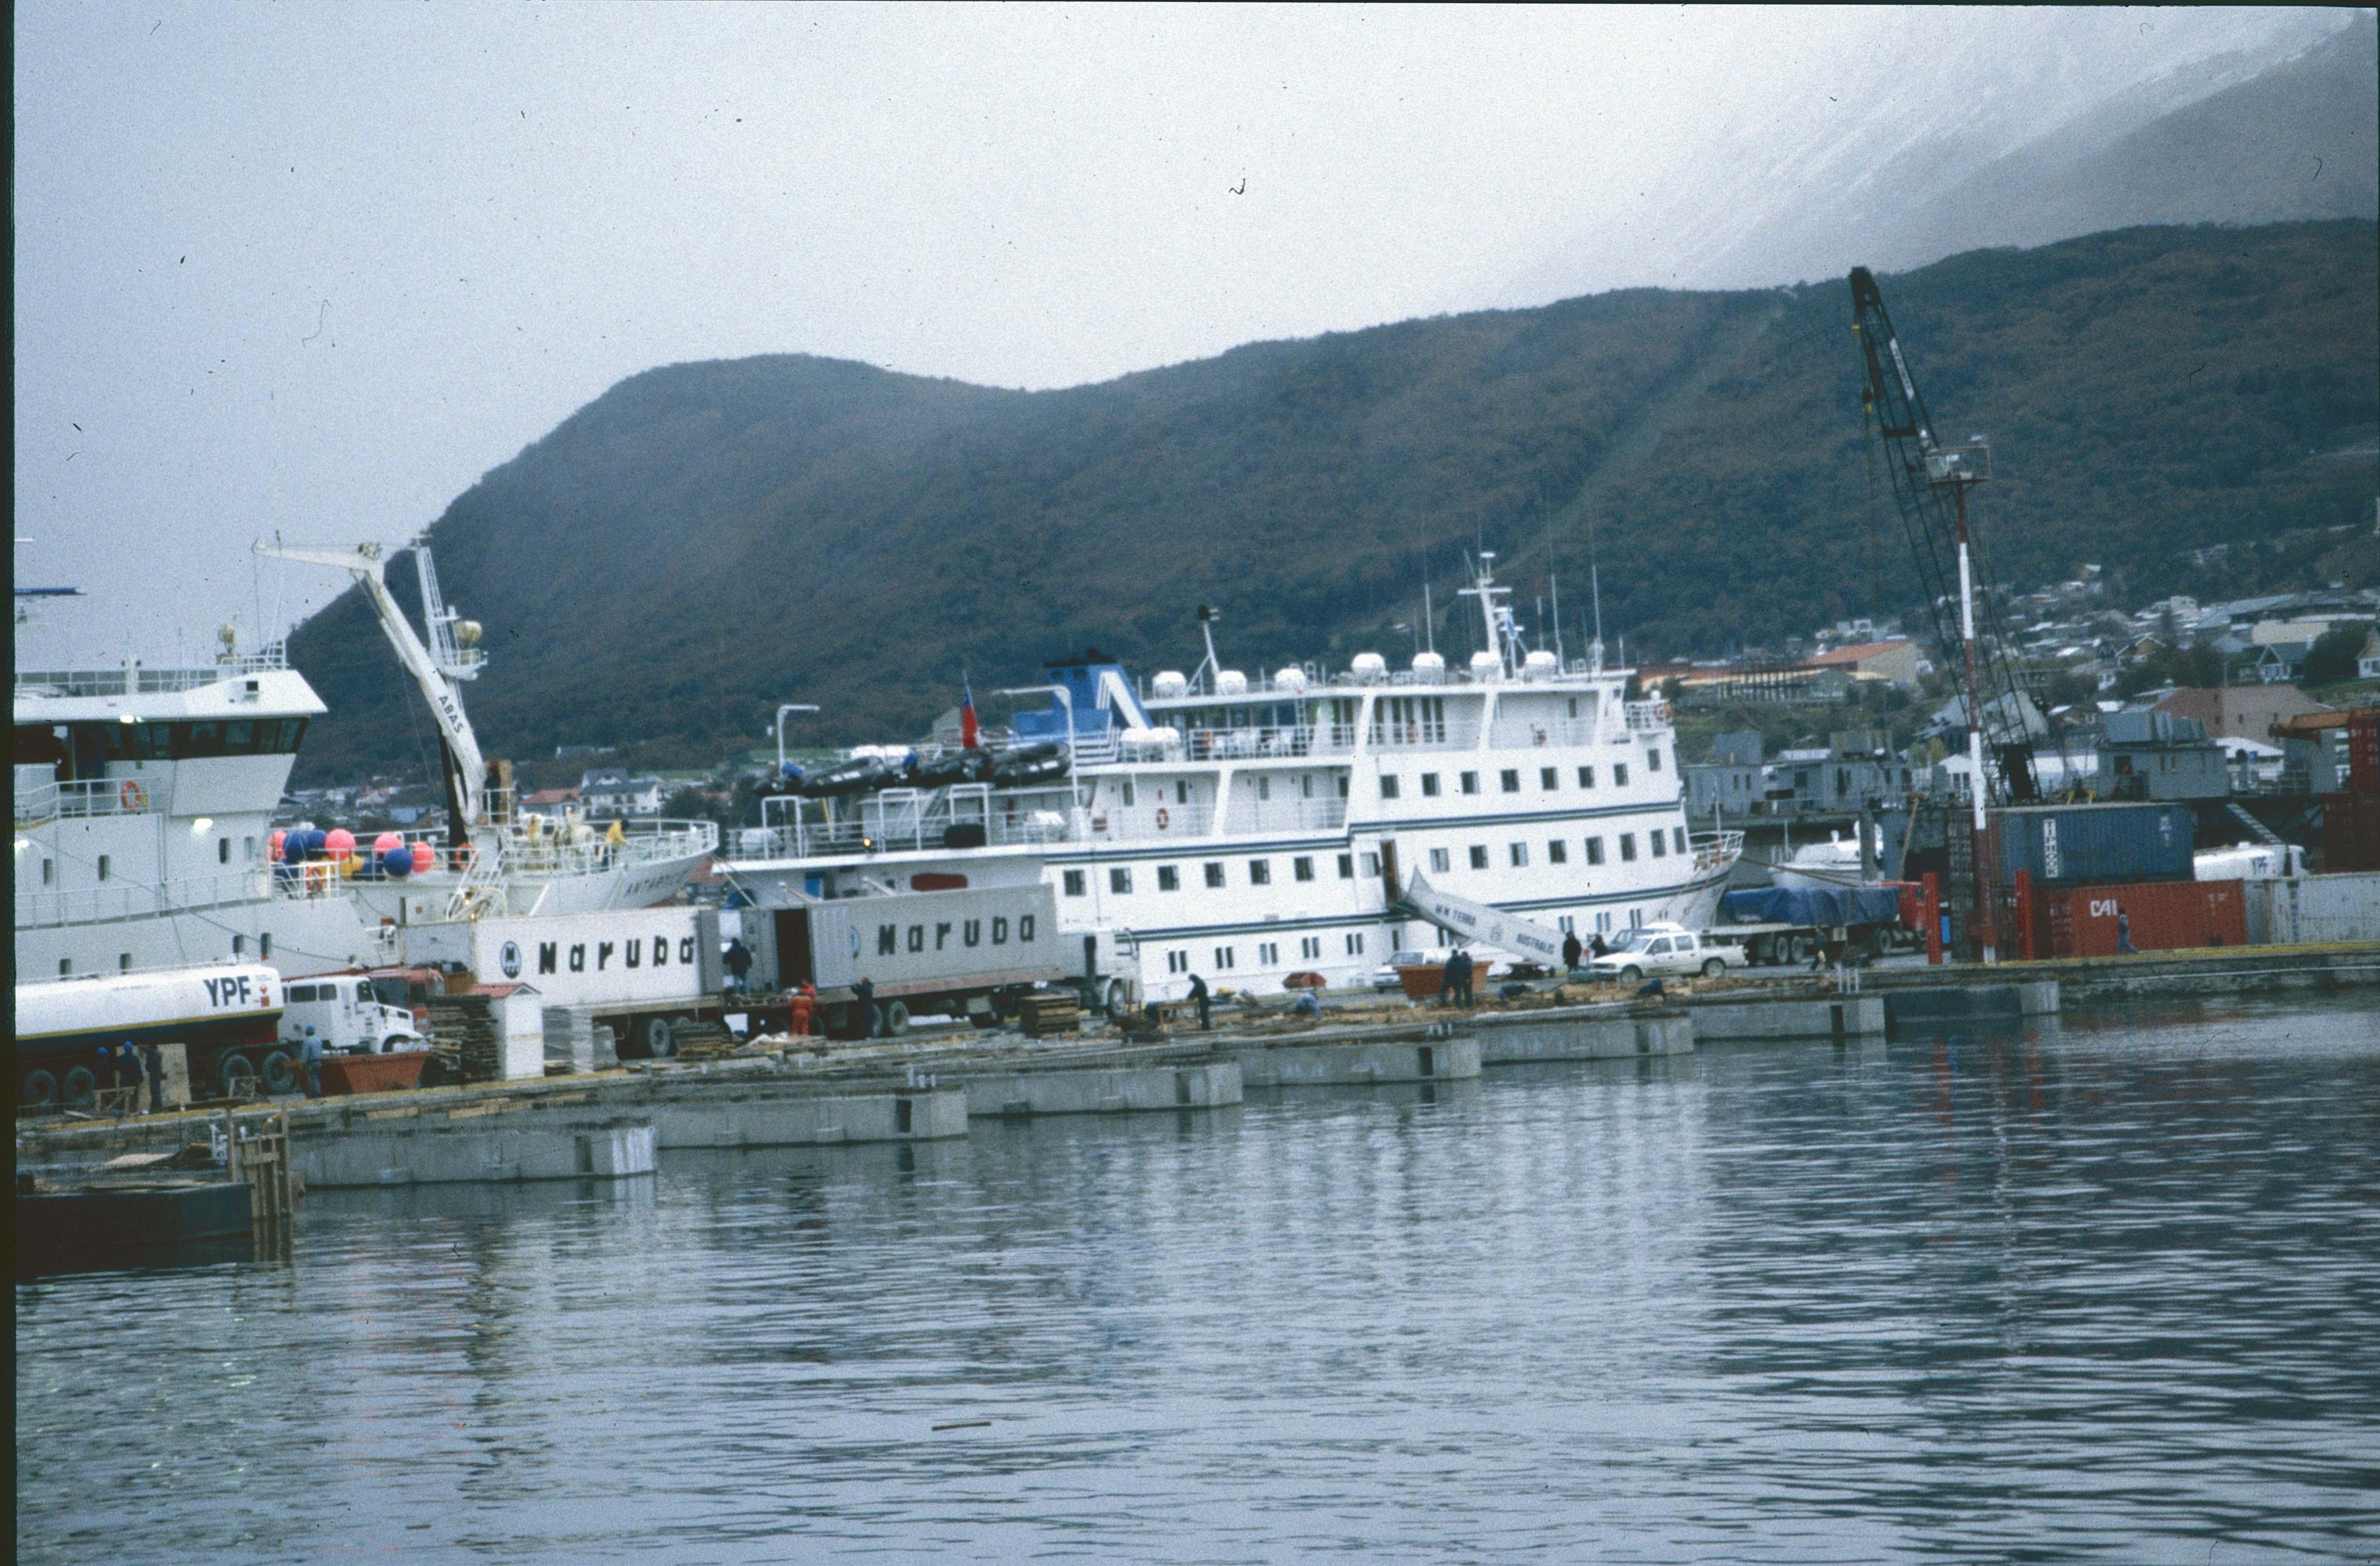 Enterreno - Fotos históricas de chile - fotos antiguas de Chile - Cruceros en Punta Arenas, 1990